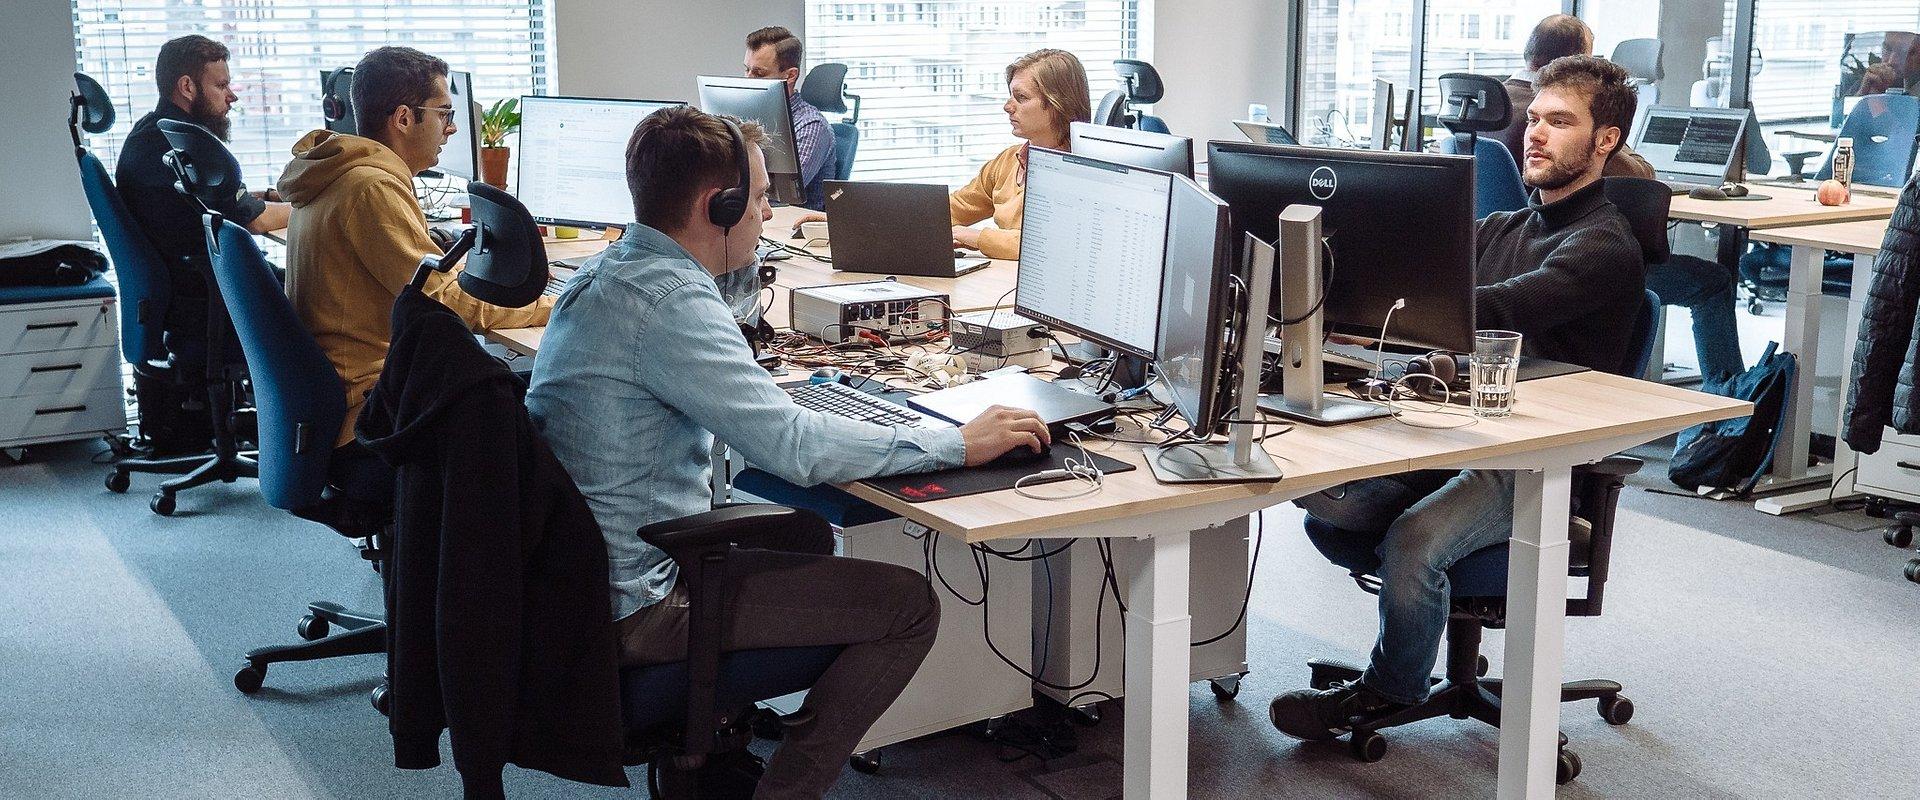 Wrocławski Spyrosoft debiutuje dziś na giełdzie wraz z pracownikami